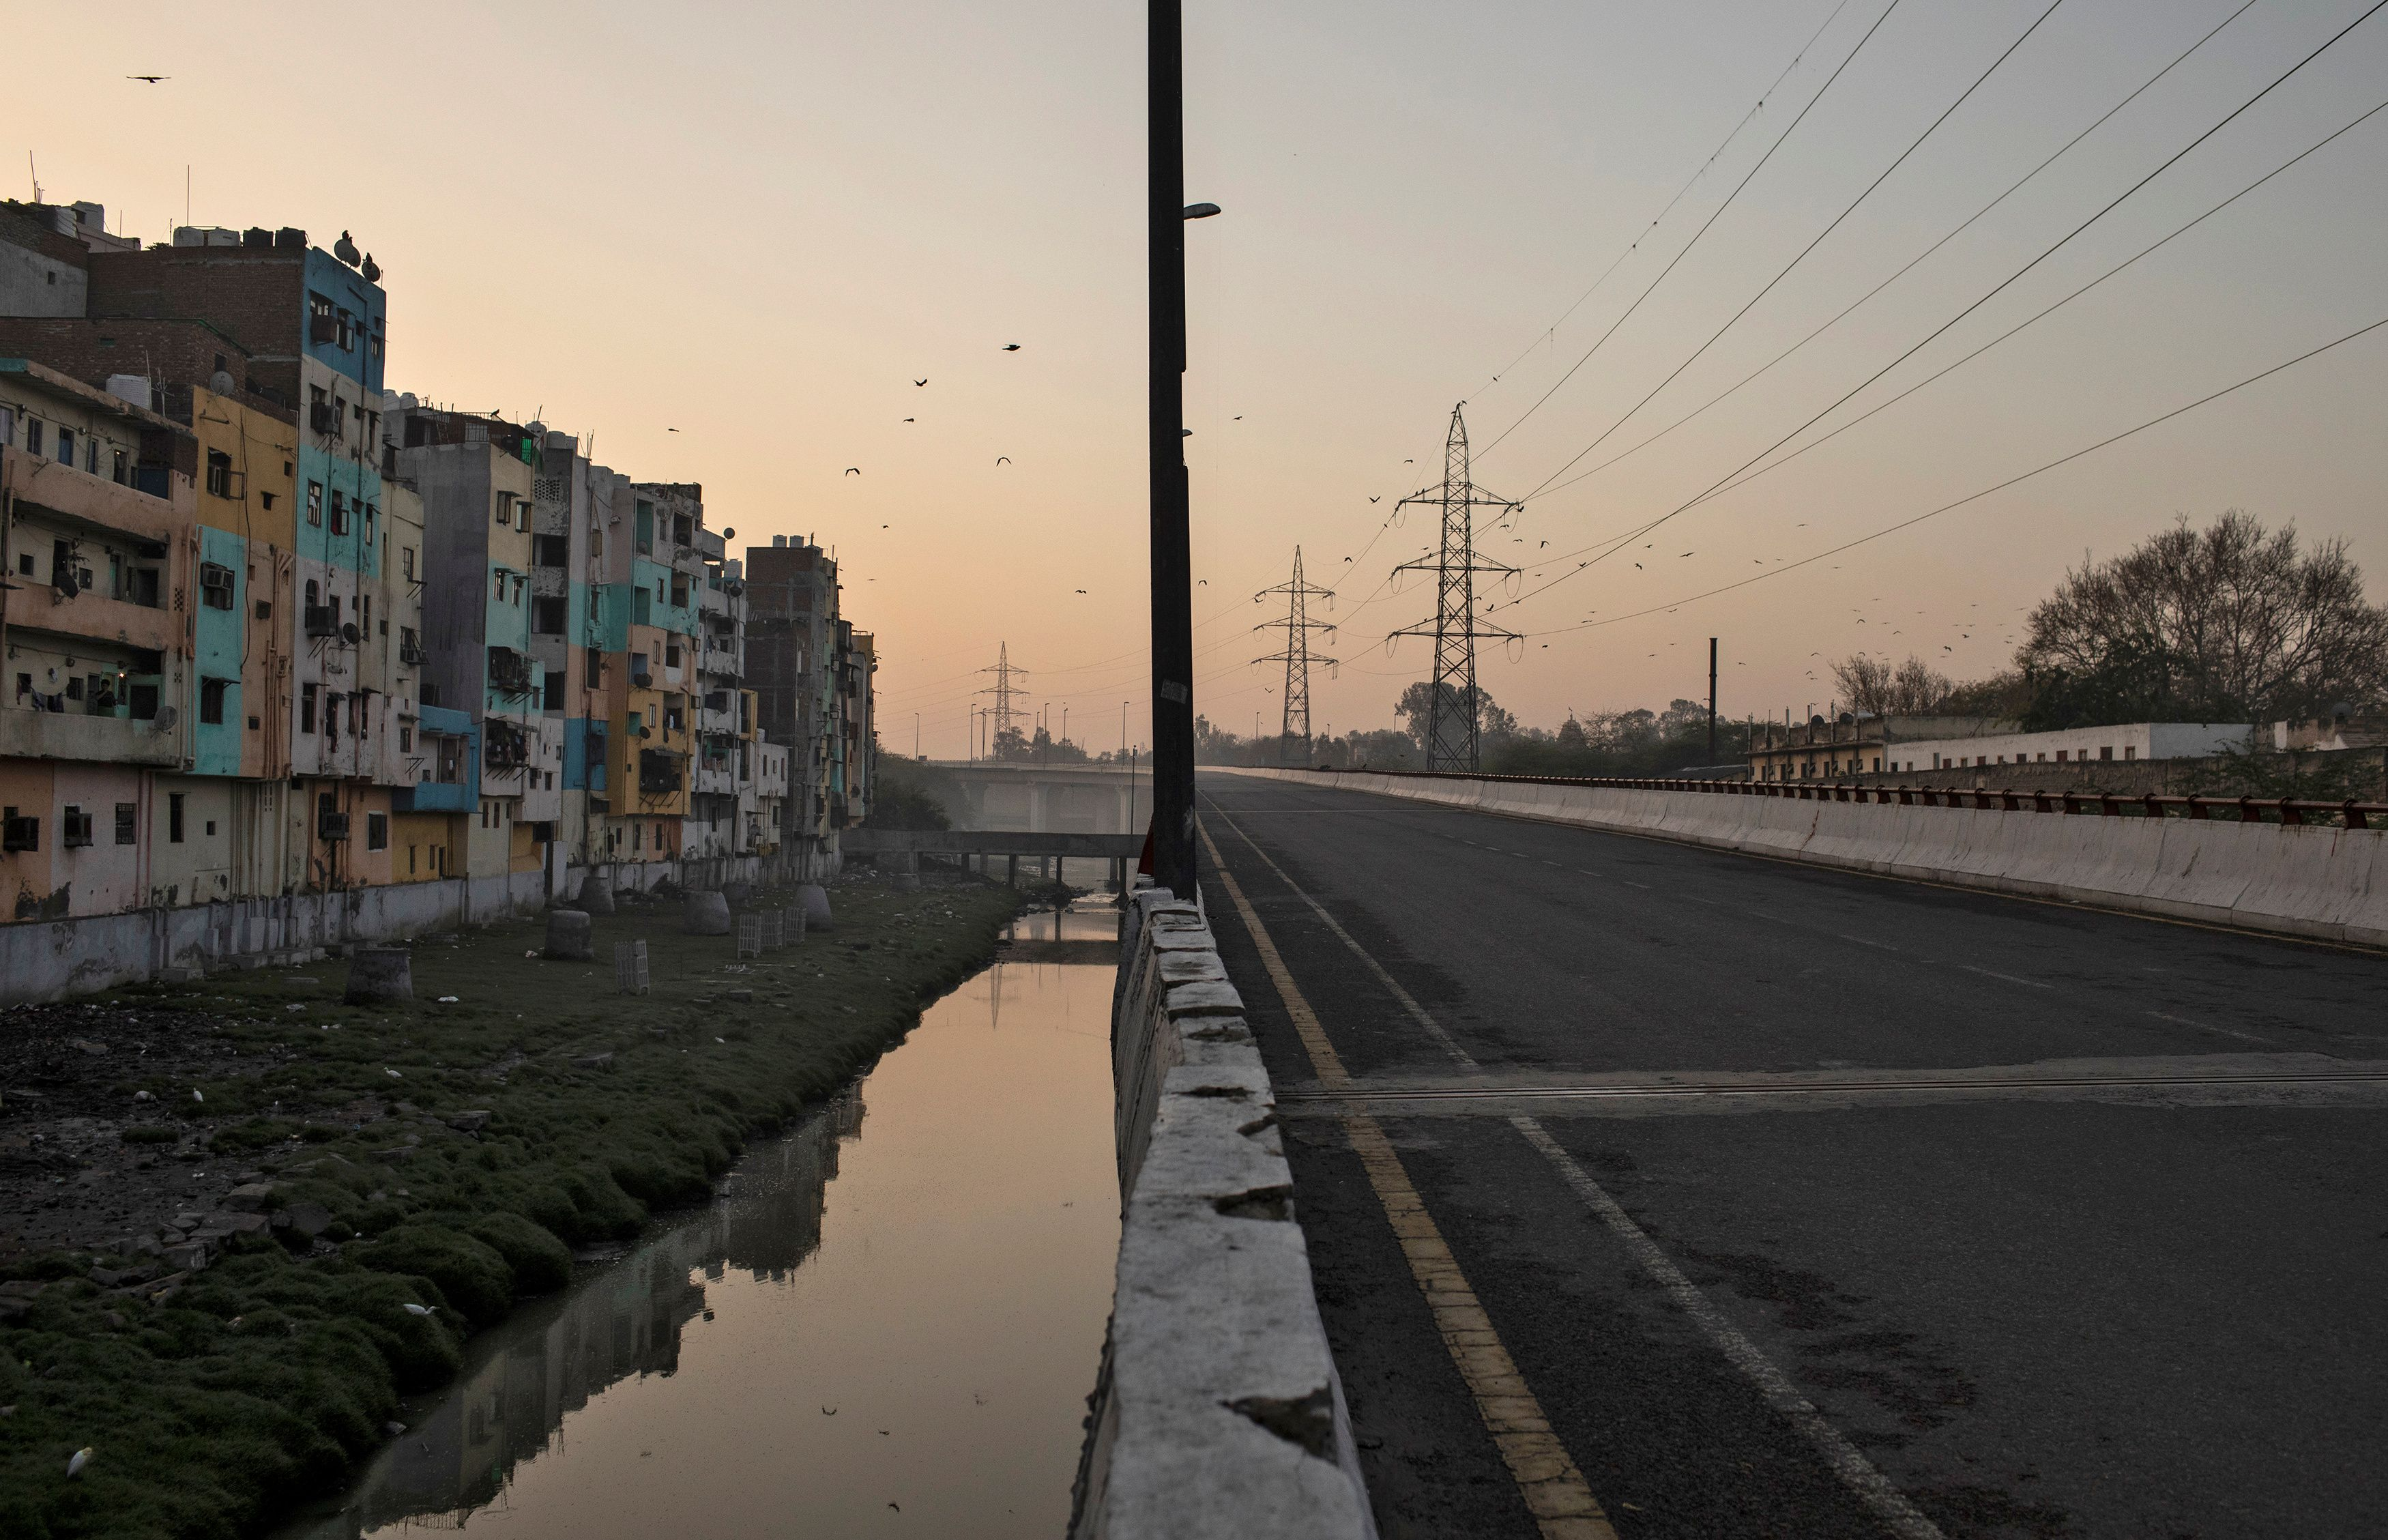 Una zona residencial próxima a New Delhi, India (REUTERS/Danish Siddiqui)